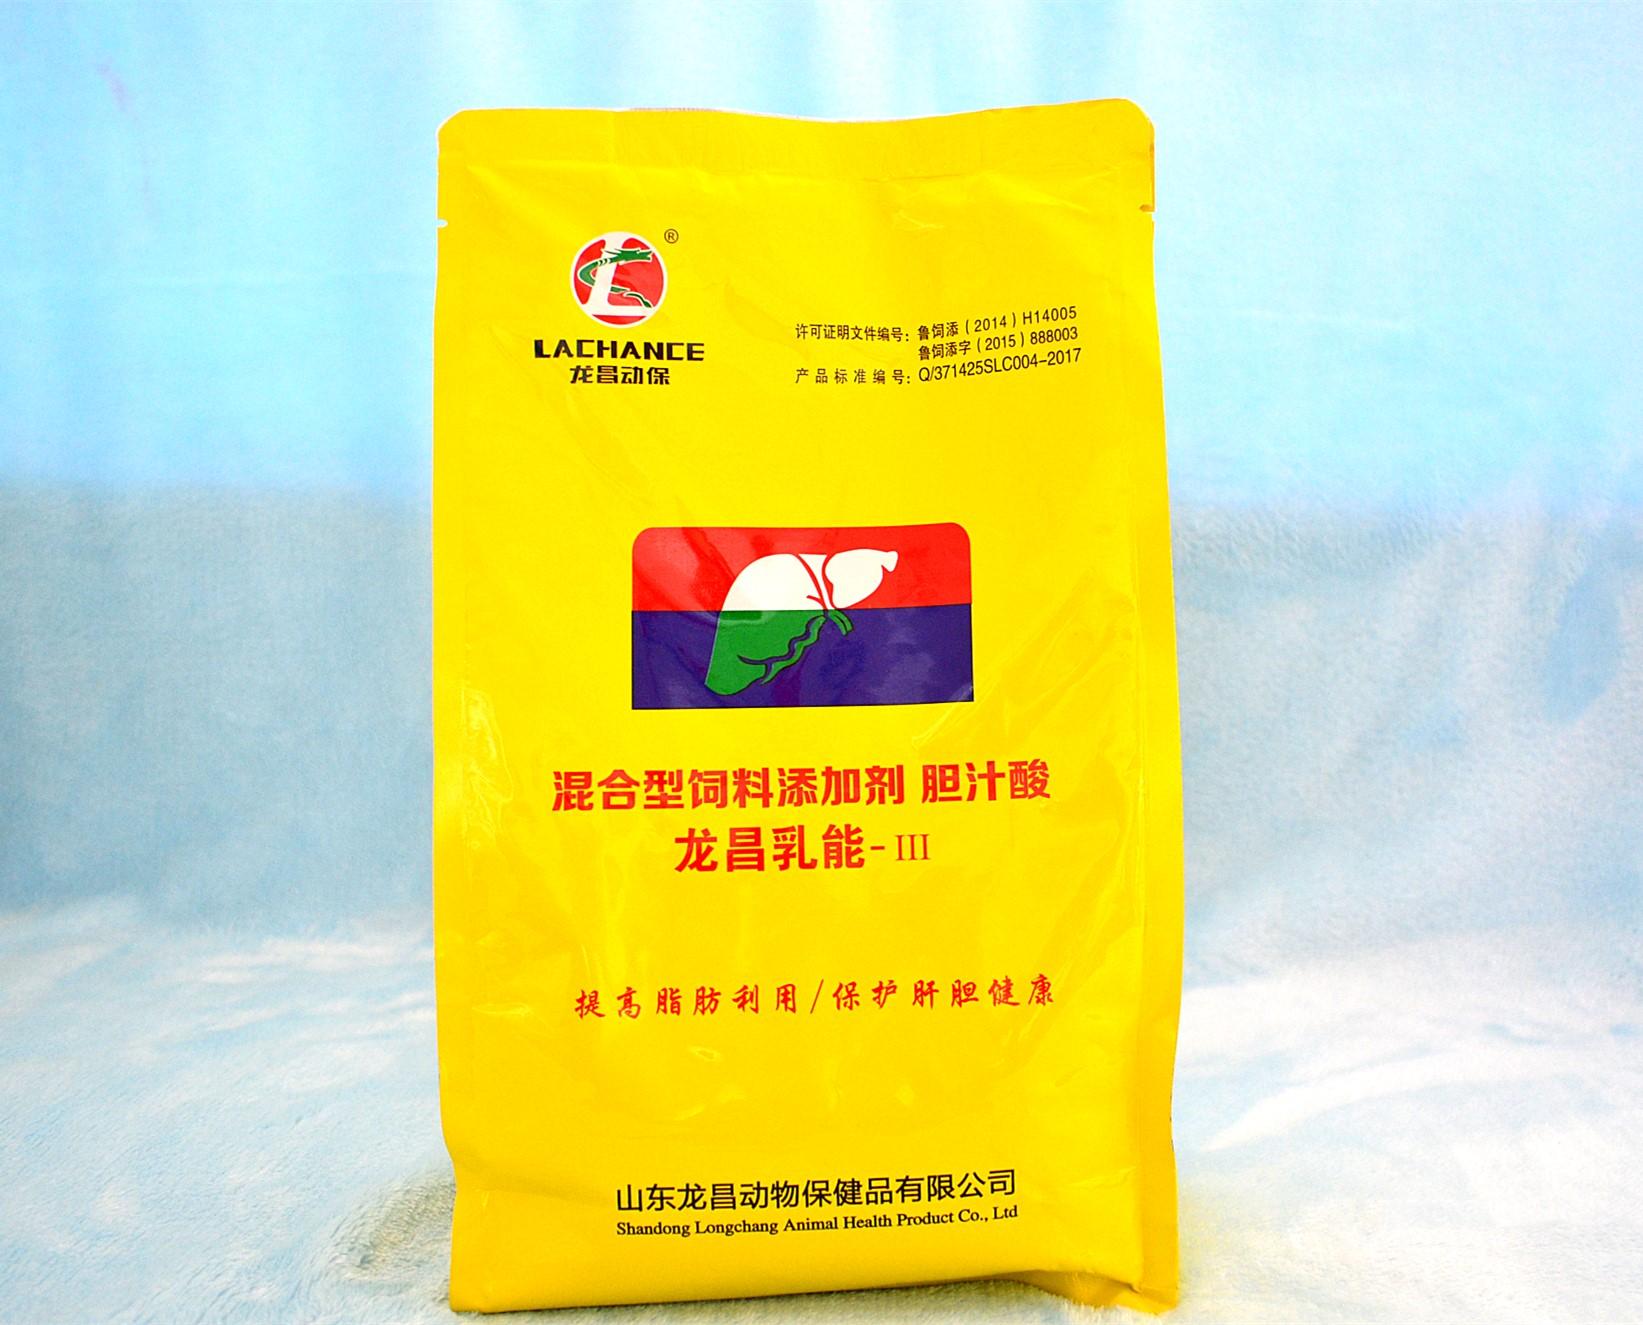 福建、江苏、浙江、广西、广东省水产胆汁酸招商加盟,龙昌胆汁酸优化饲料配方,降低饵料系数